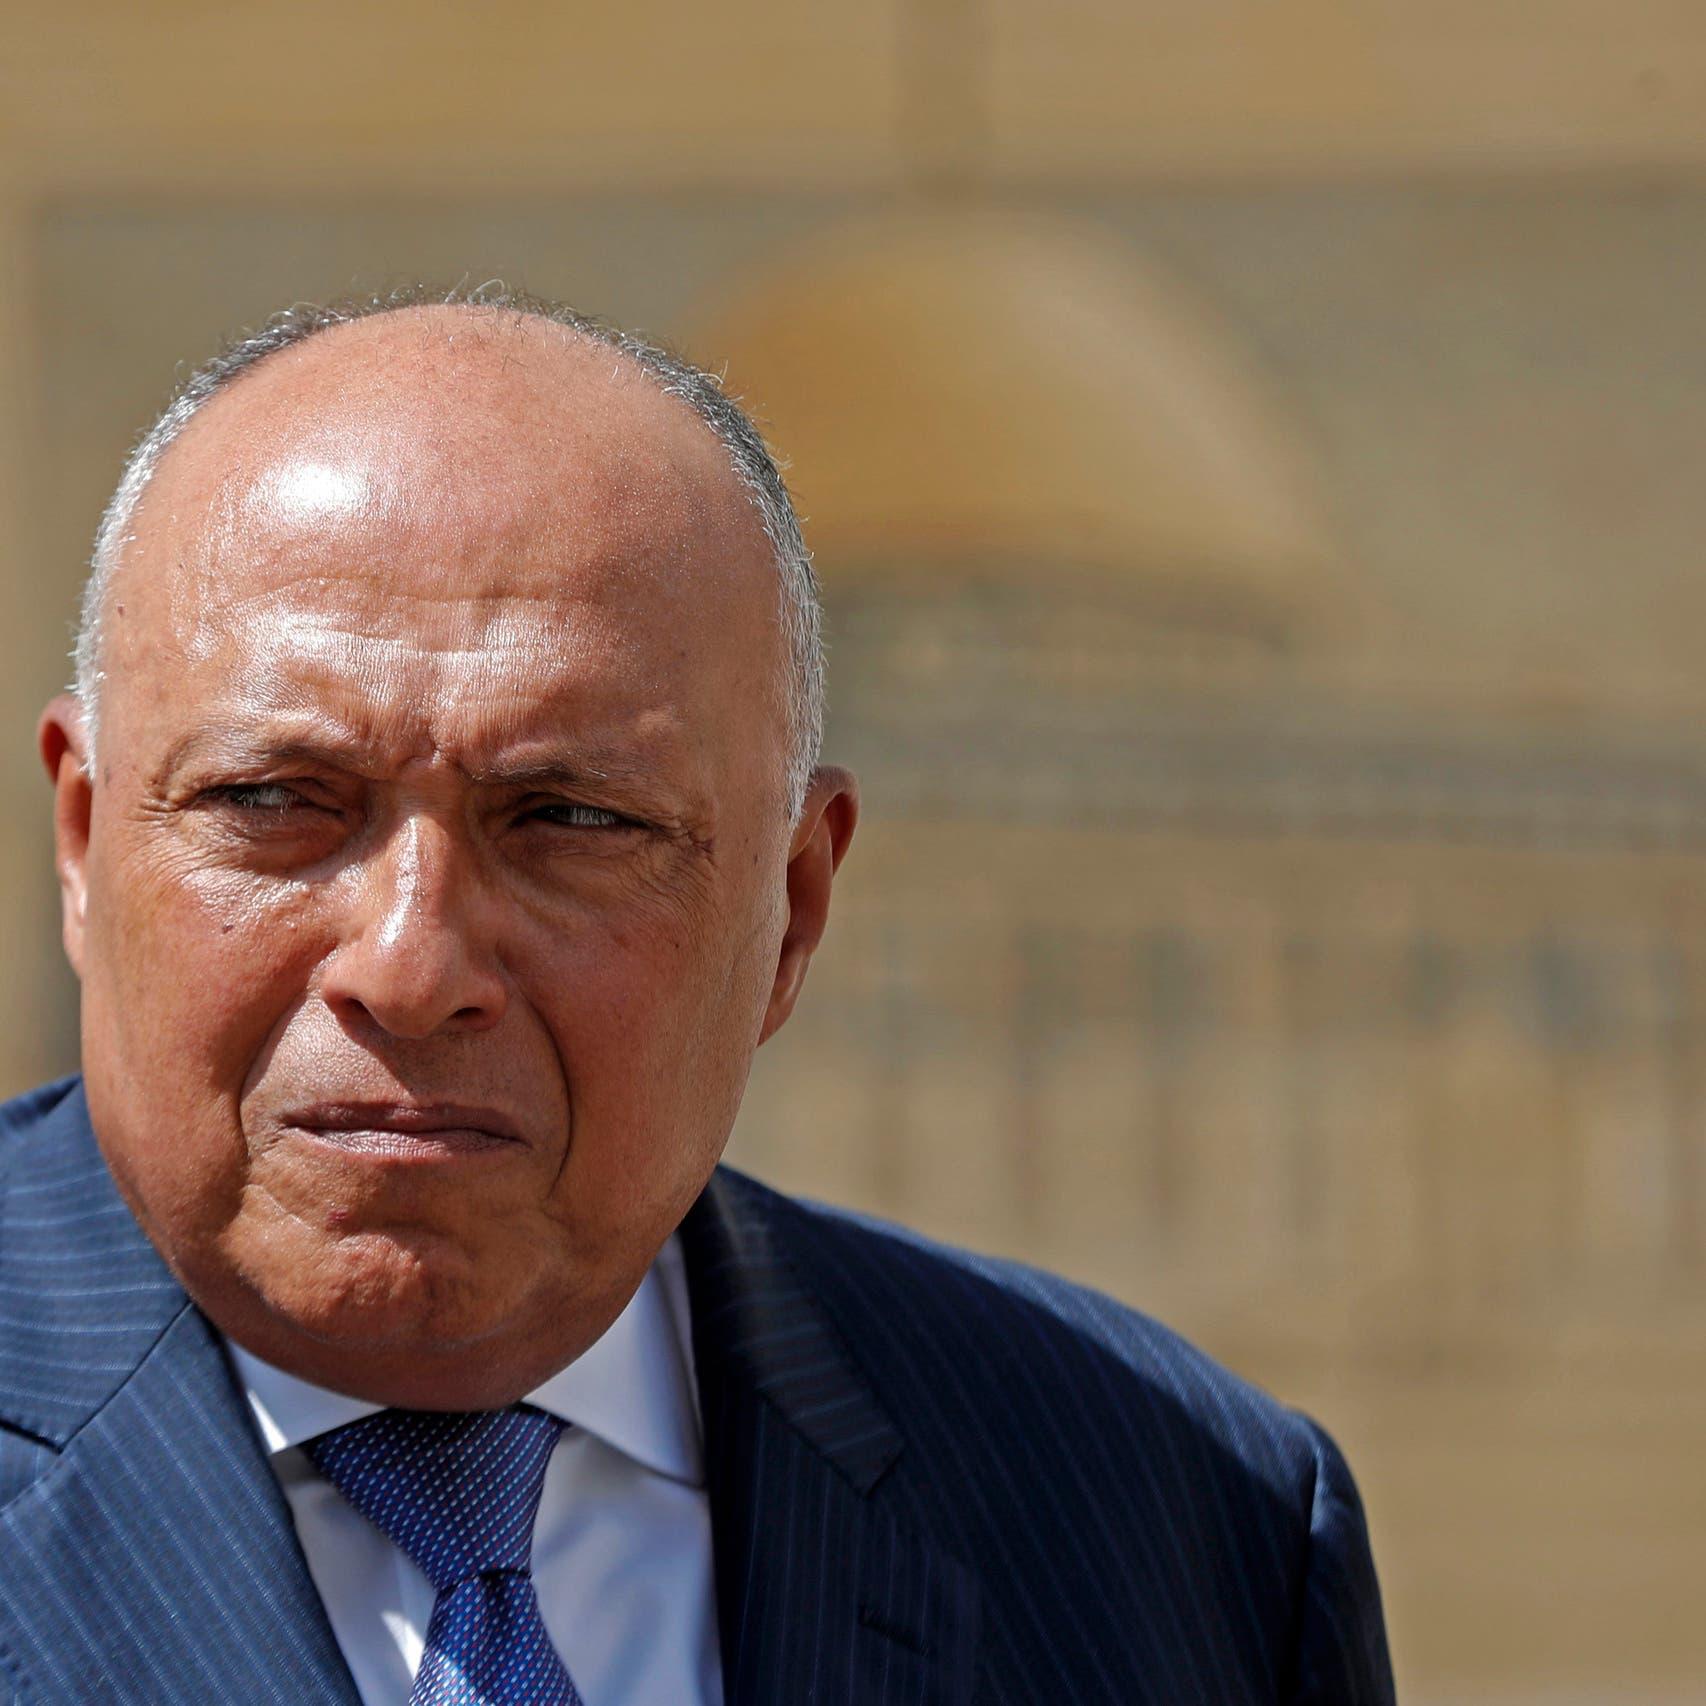 وزير خارجية مصر: نرفض التآمر والتدخل بشؤون الدول